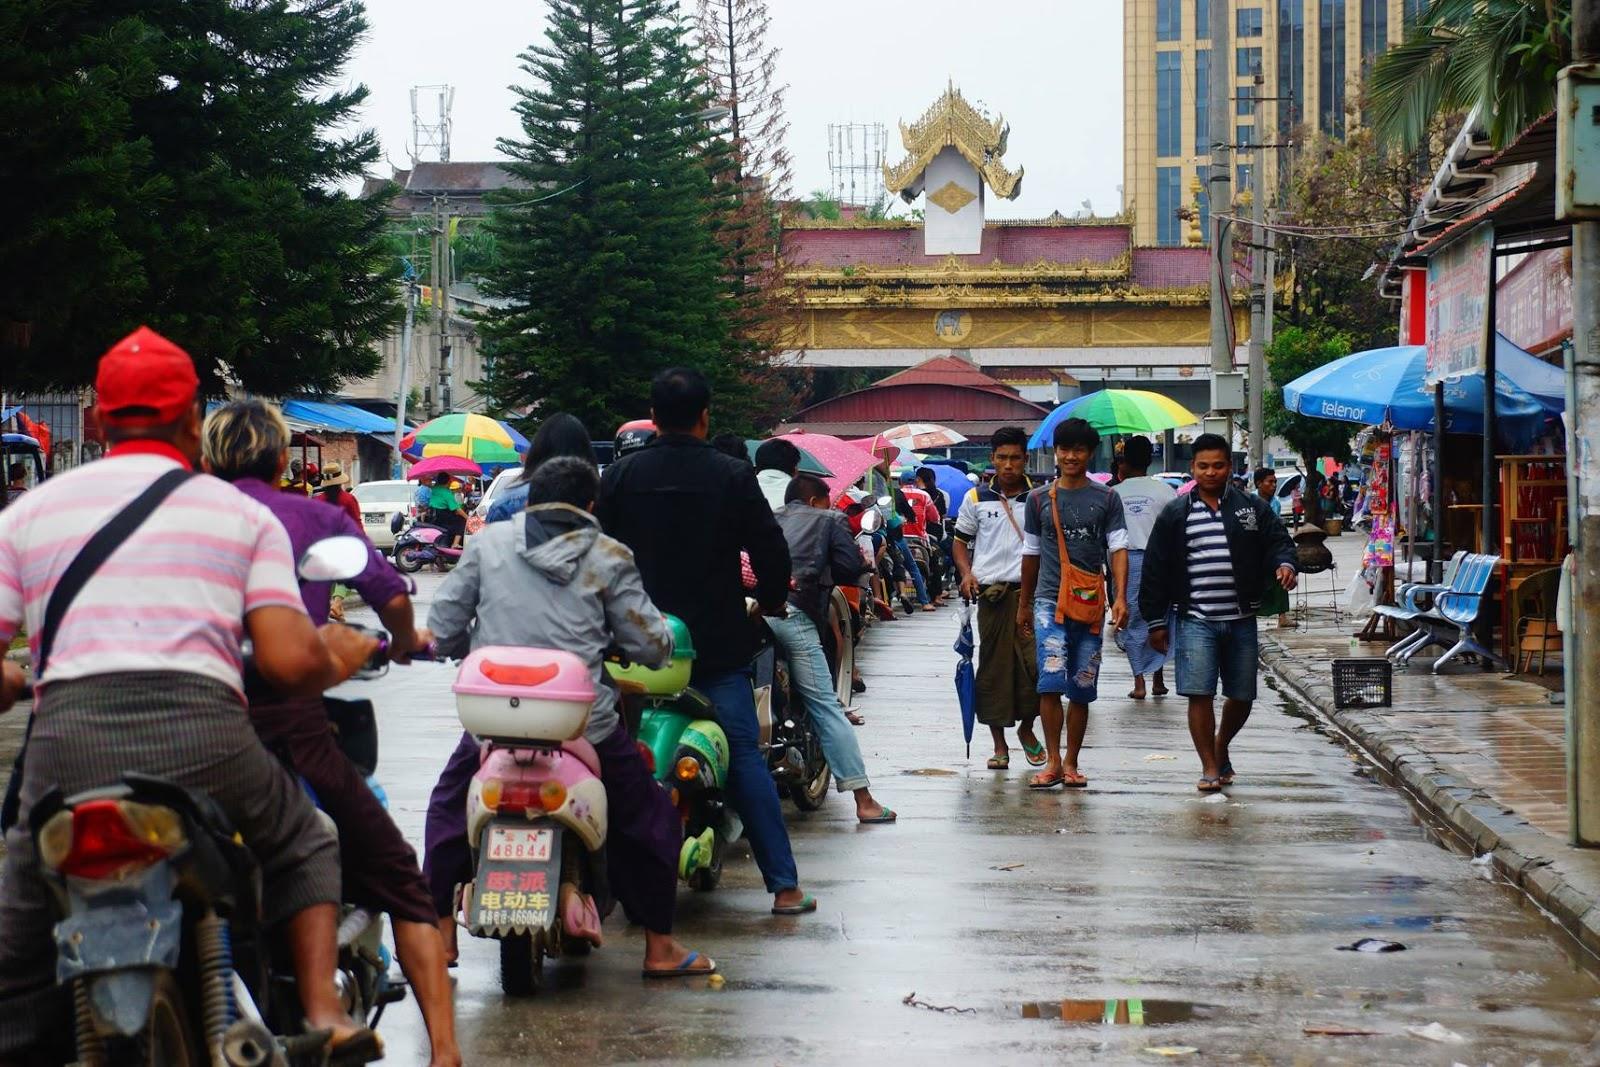 မူဆယ်မြို့ရှိ မြန်မာ - တရုတ် နယ်စပ် ...